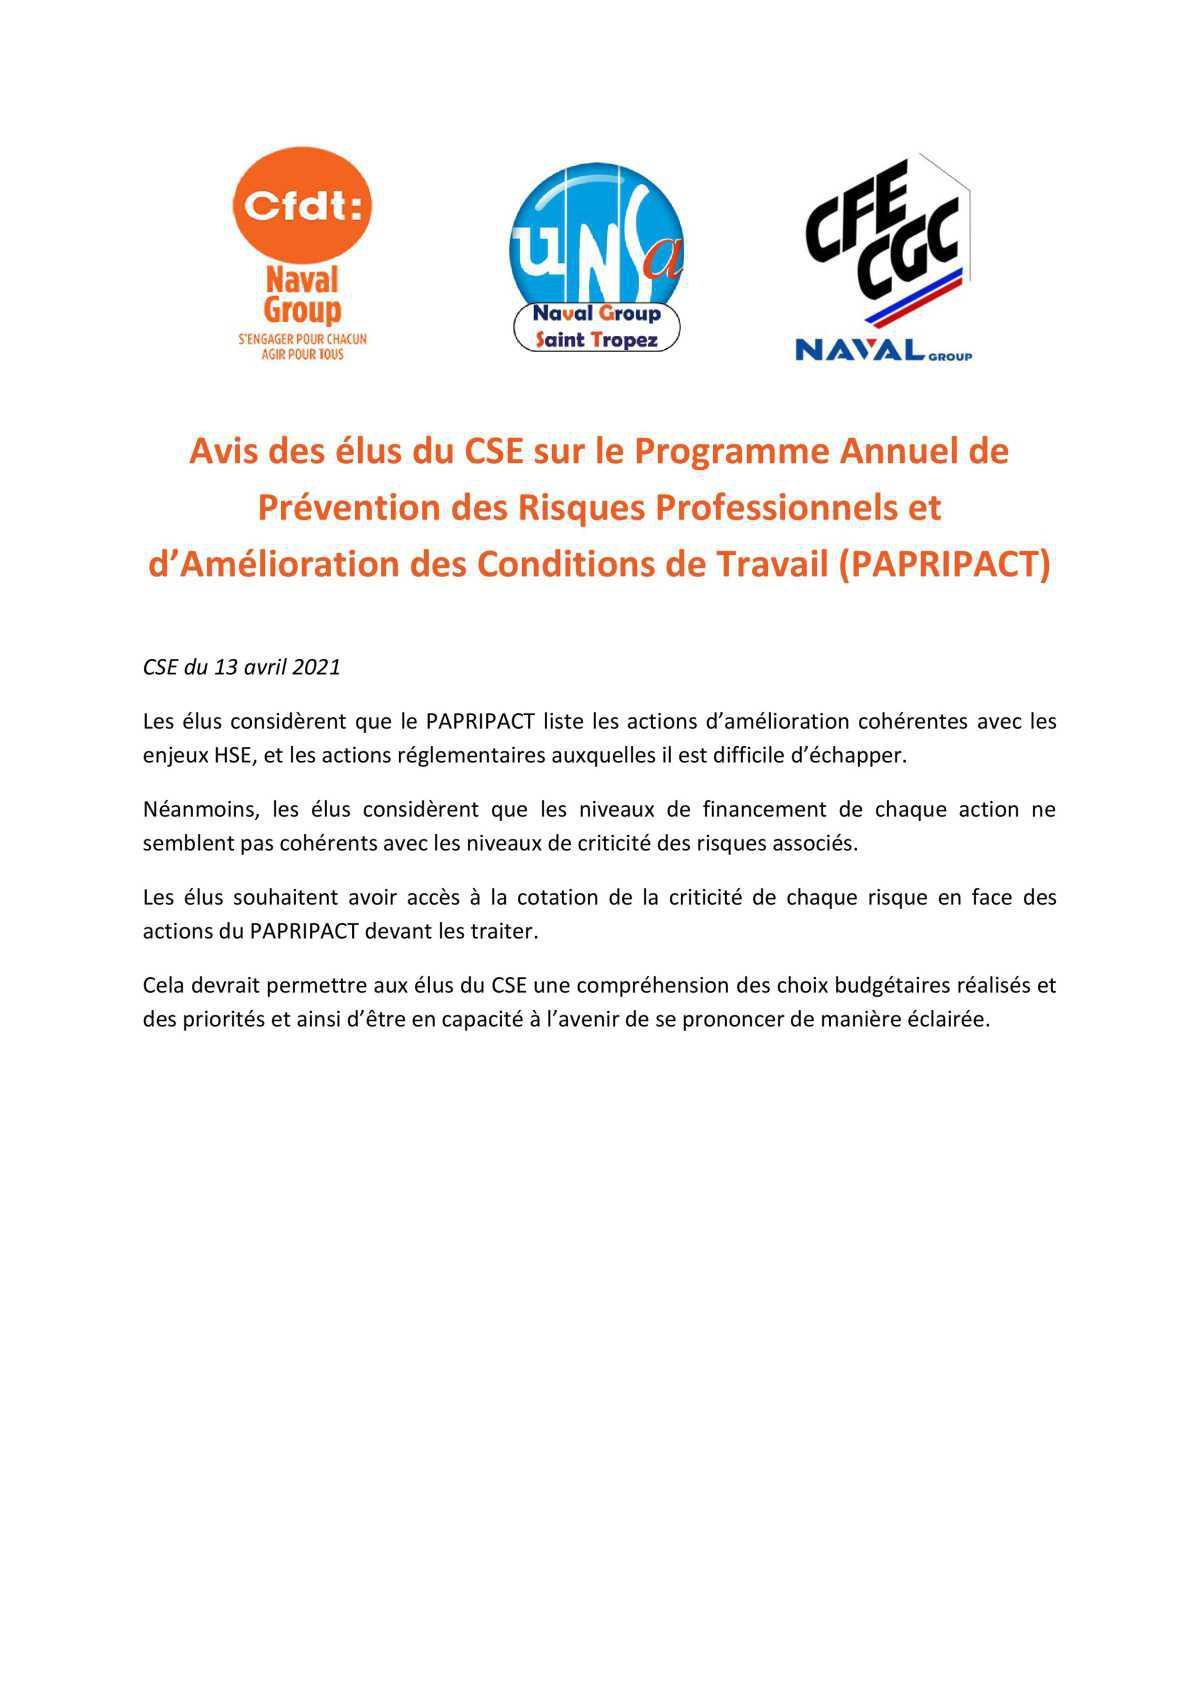 Réunion du 13 avril 2021 - avis des élus du CSE sur le PAPRIPACT